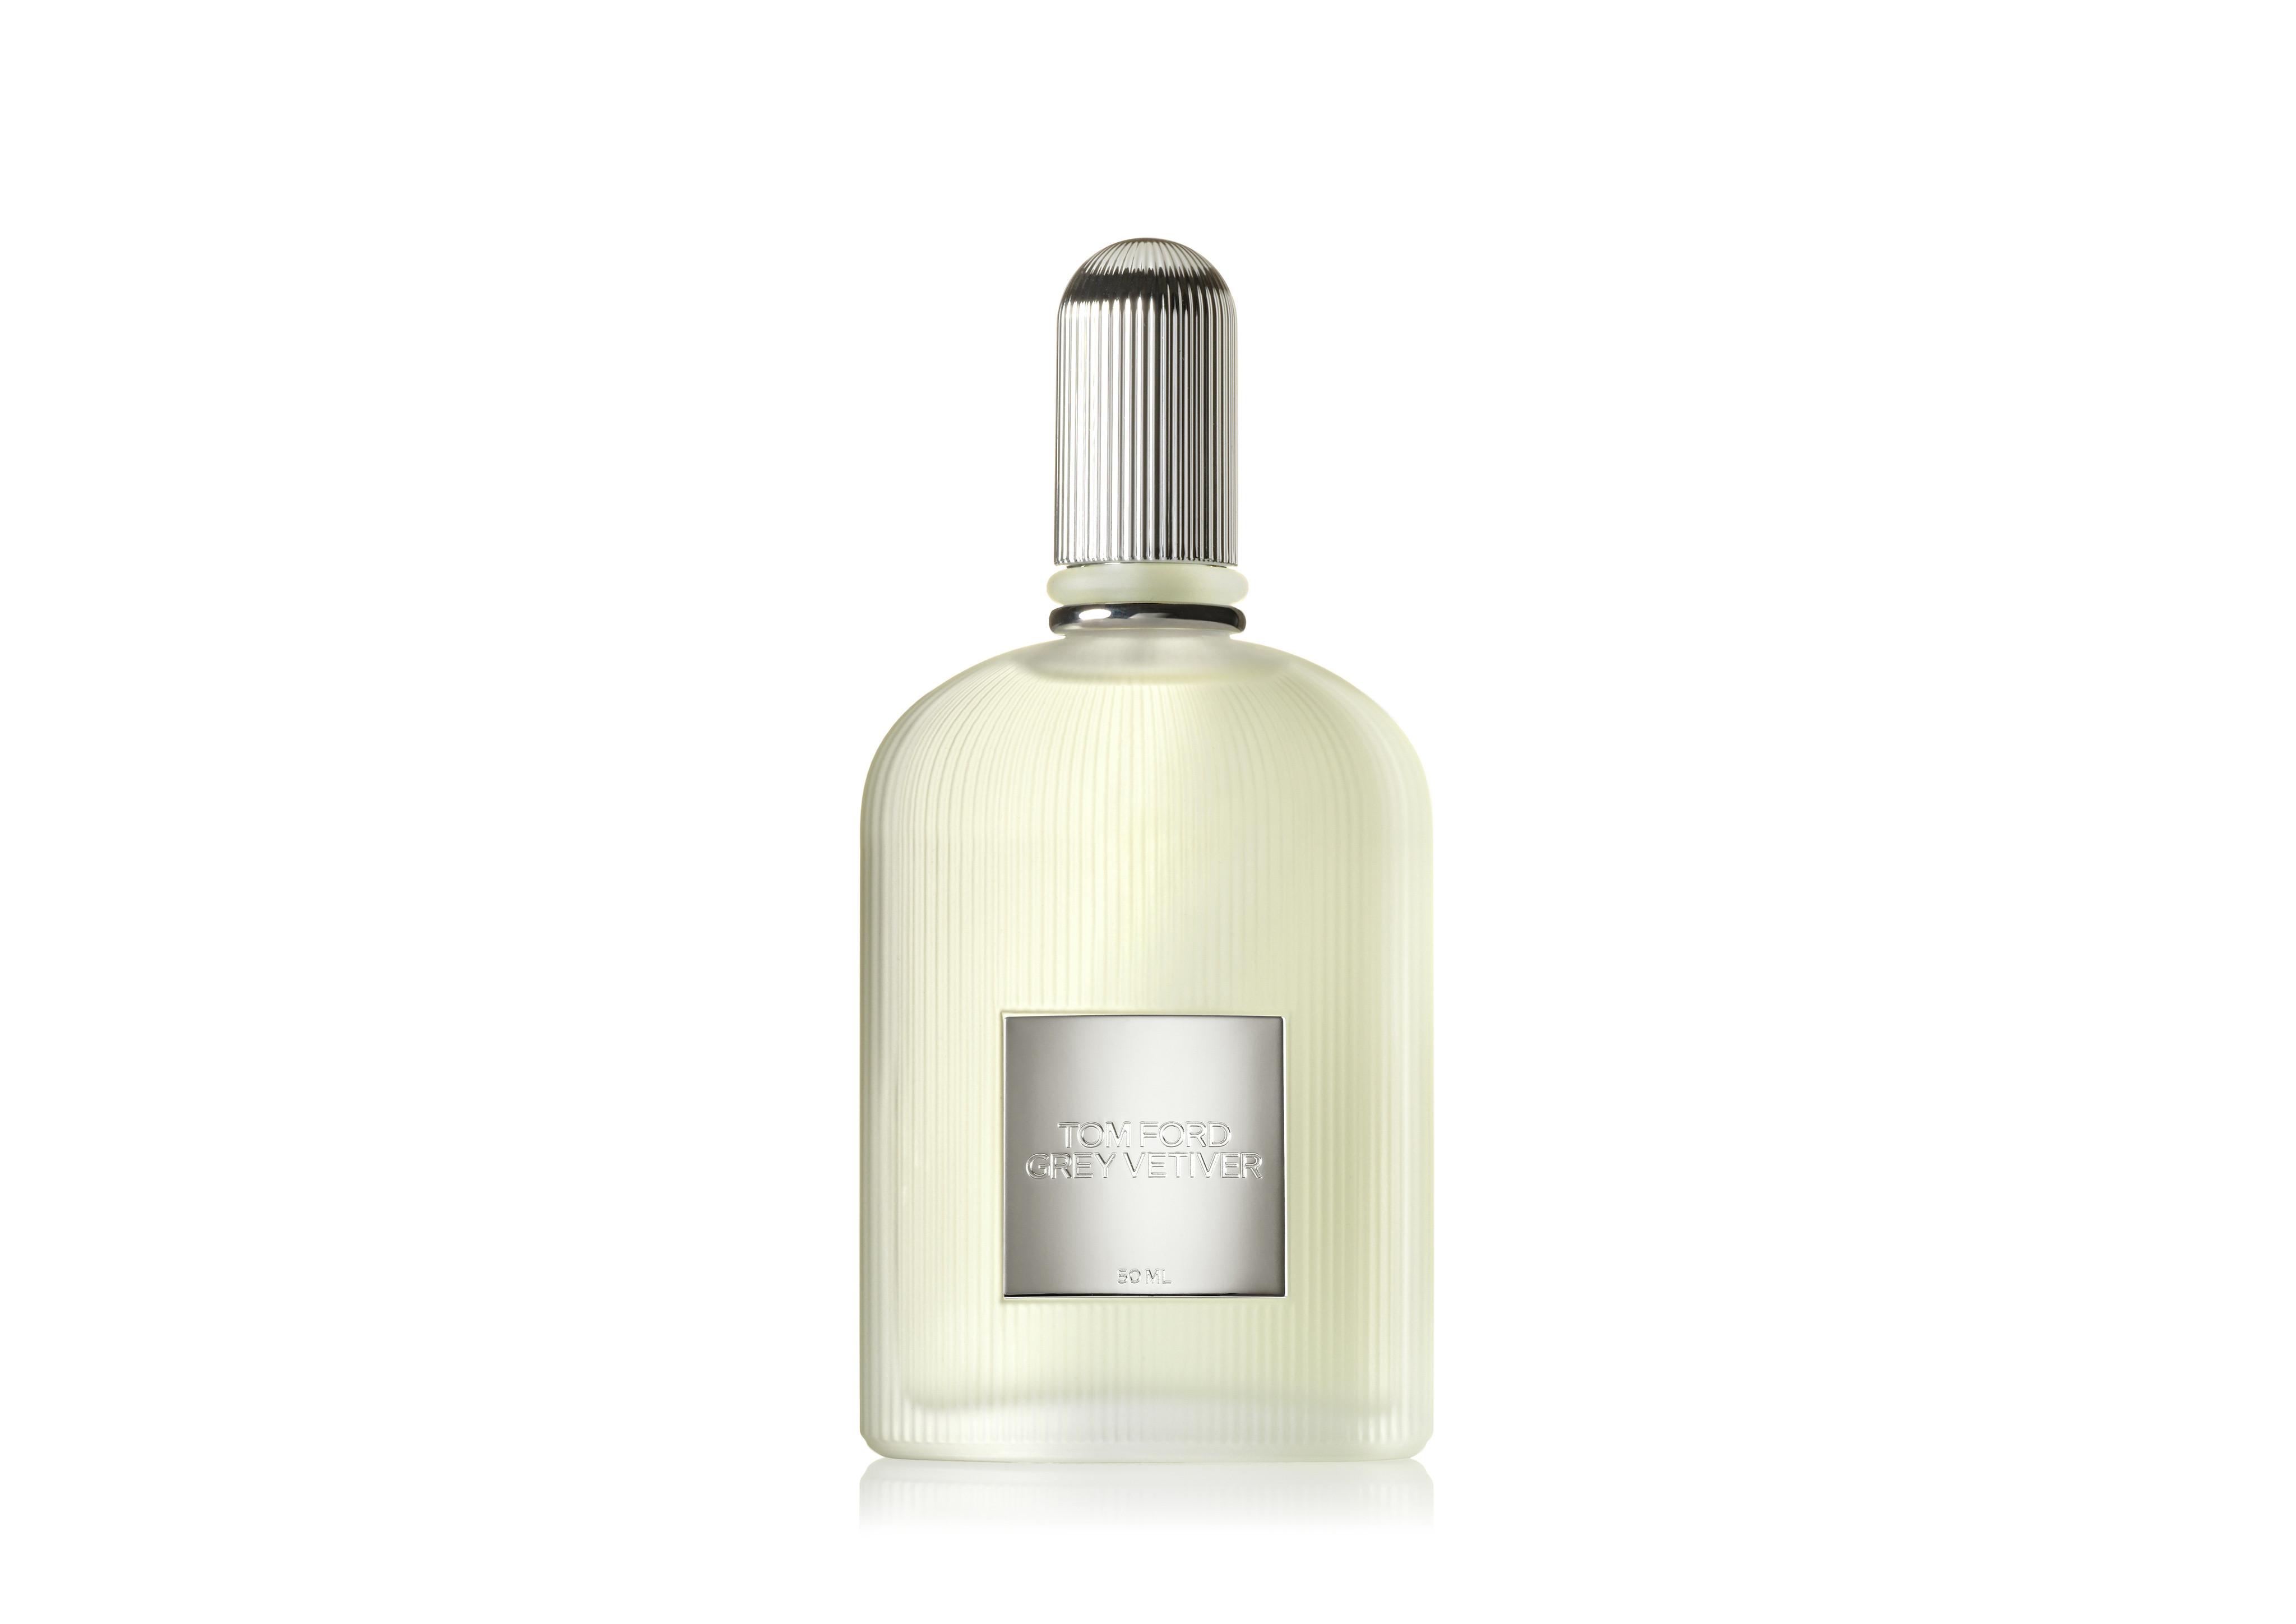 Tom Ford Grey Vetiver Eau de Parfum, Grigio, large image number 1